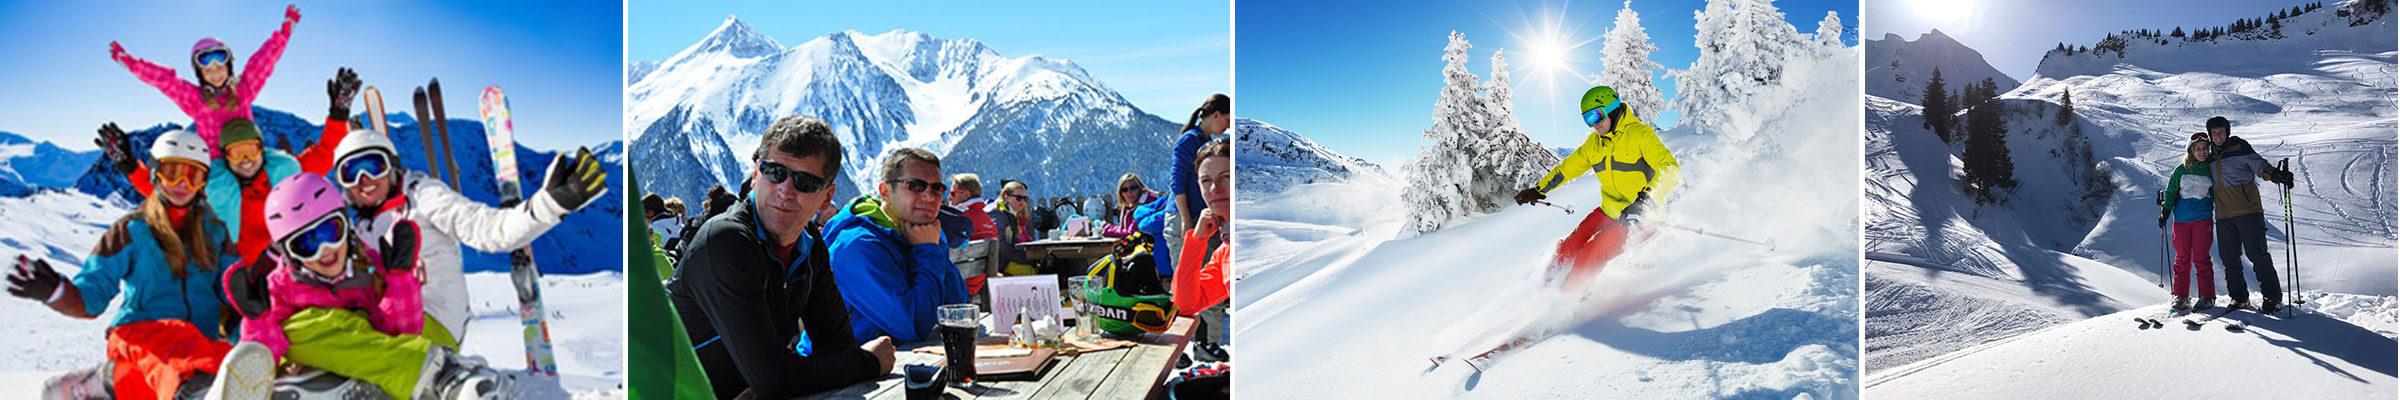 Szenen aus dem Skirurlaub